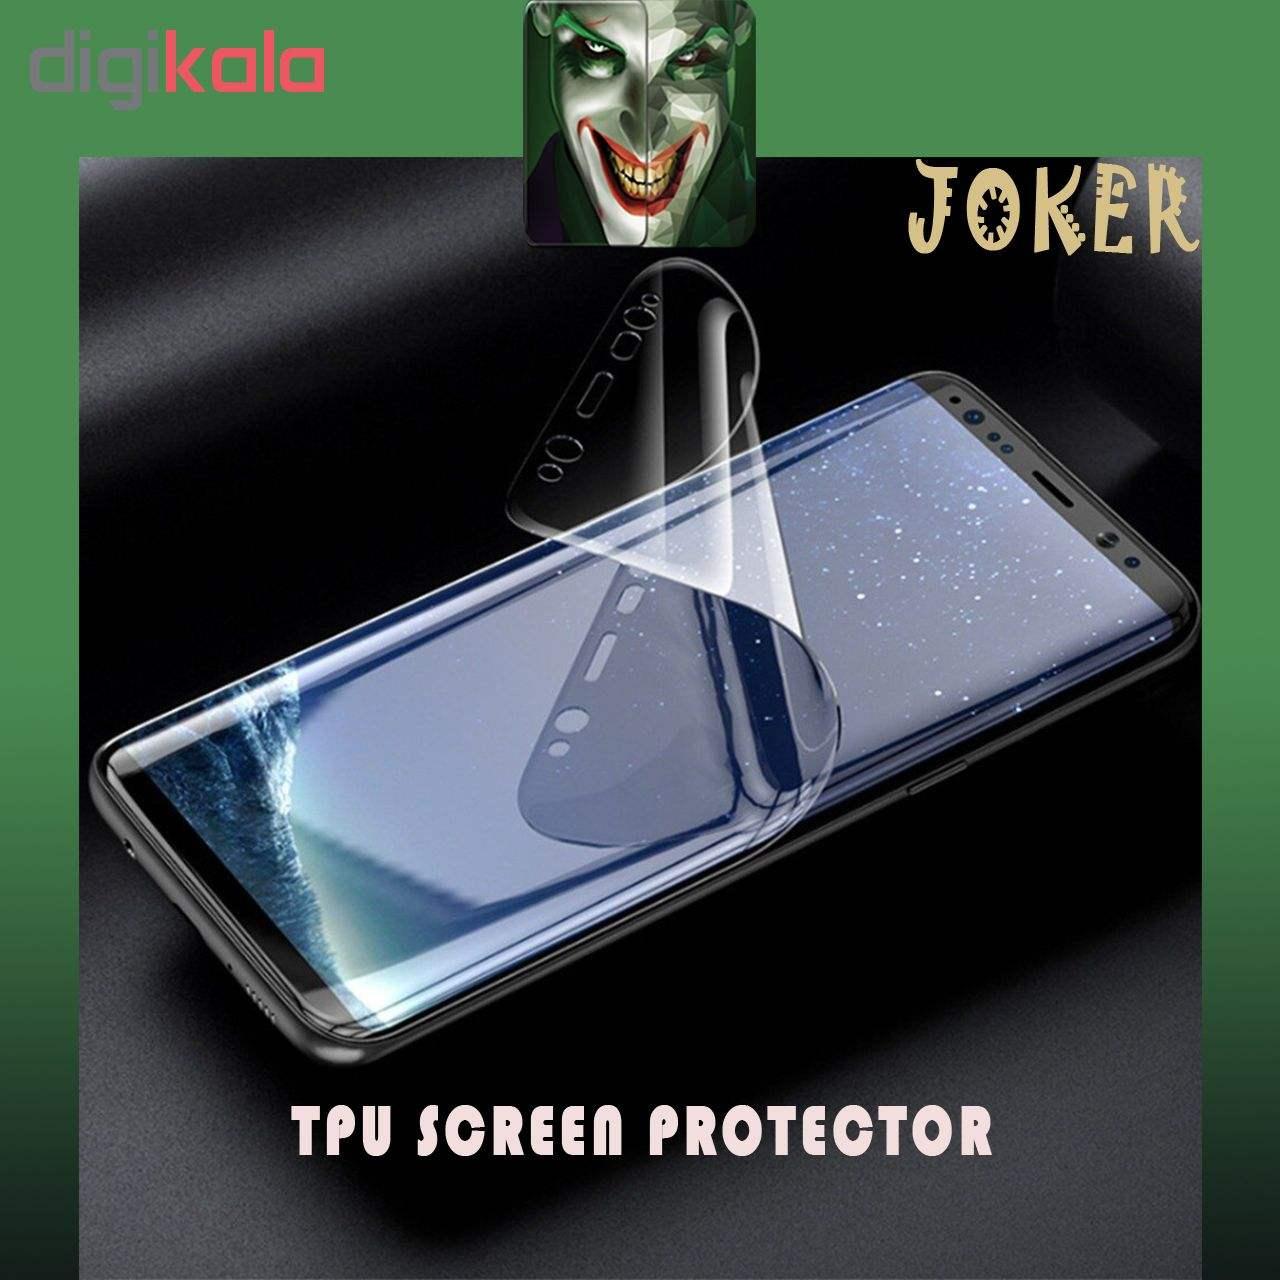 محافظ صفحه نمایش و پشت گوشی جوکر مدل FUM-01 مناسب برای گوشی موبایل اپل Iphone X main 1 3